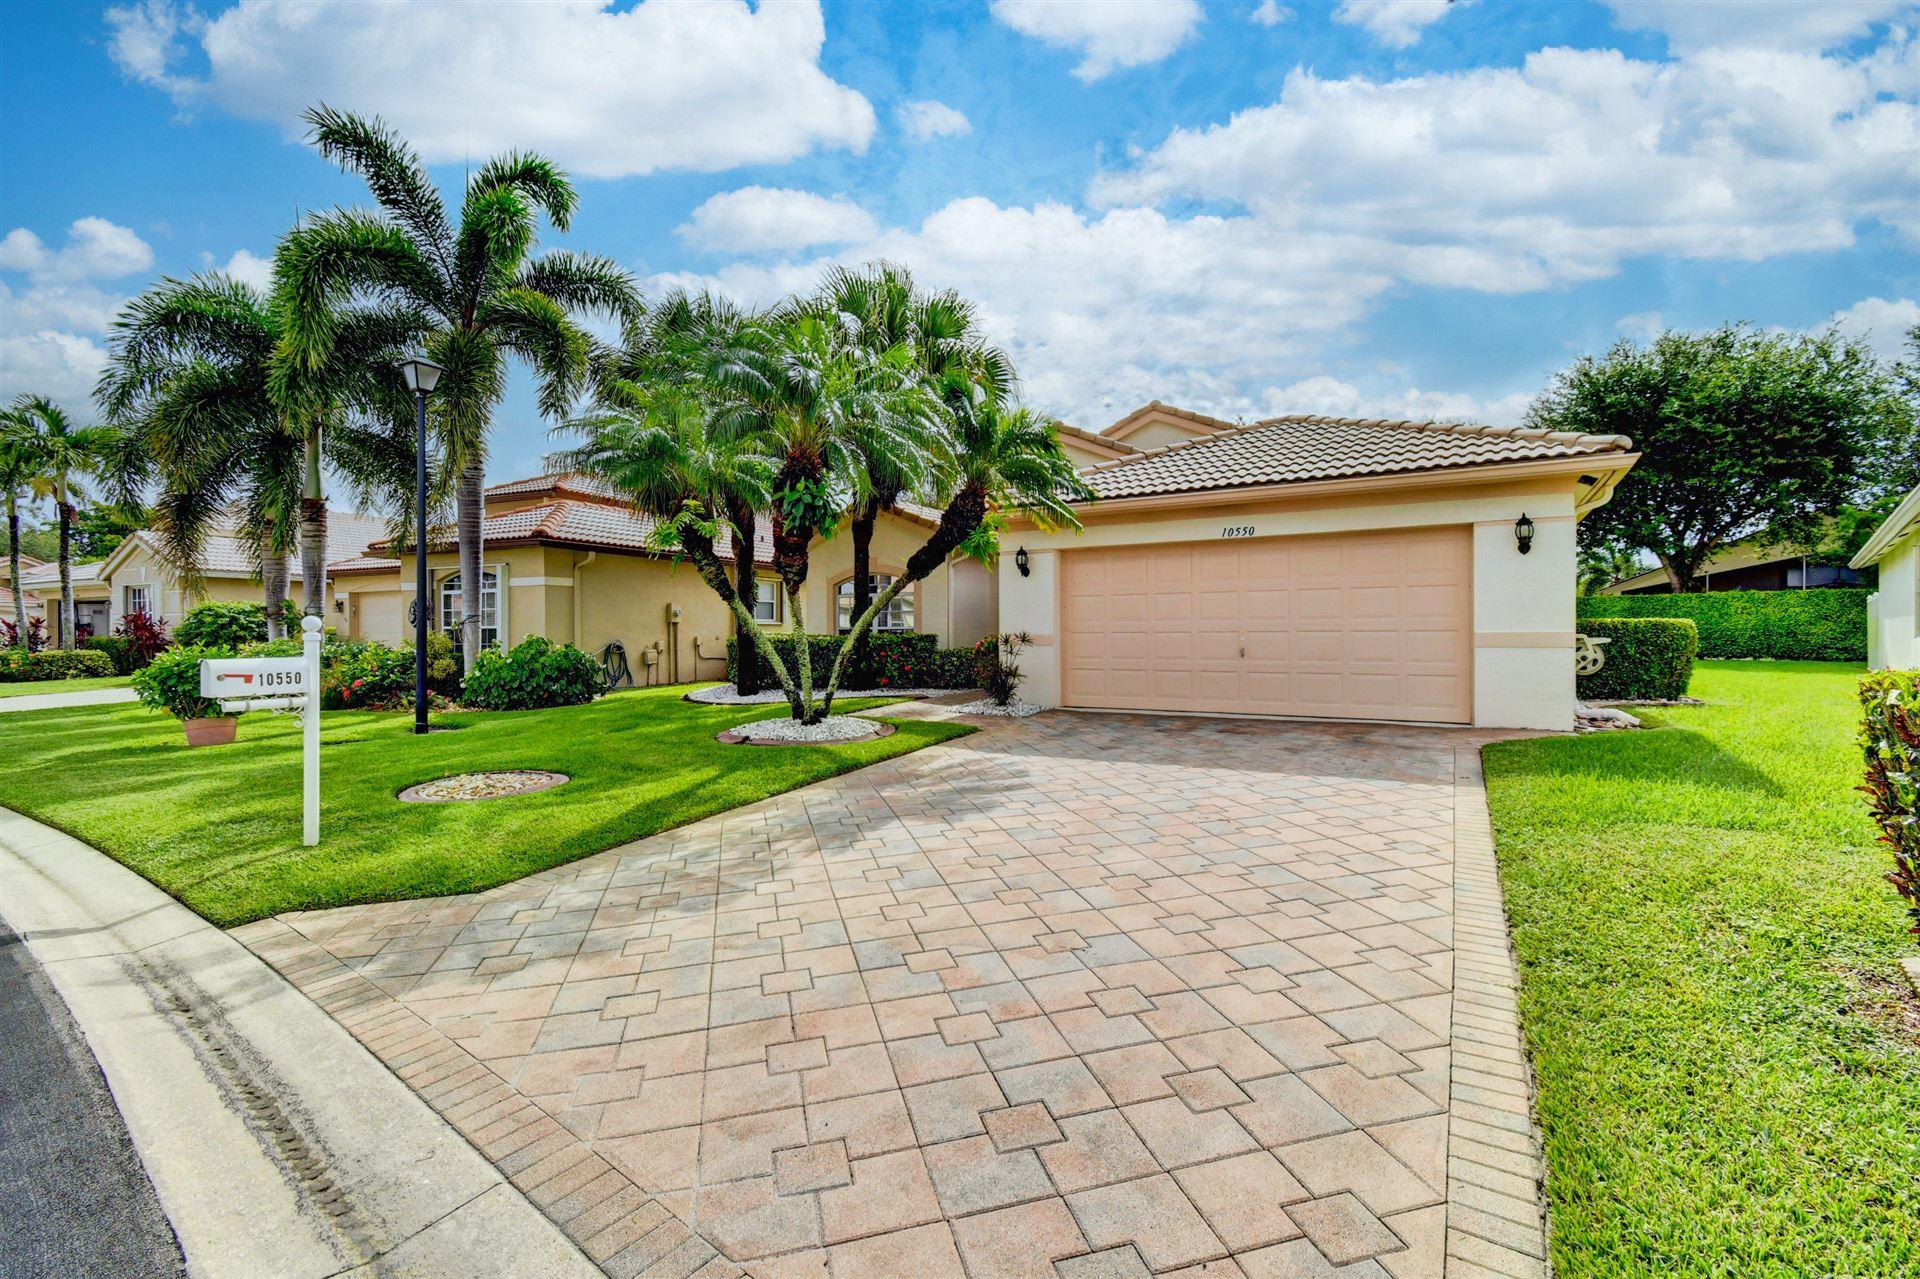 10550 Tropical Breeze Lane, Boynton Beach, FL 33437 - #: RX-10632472